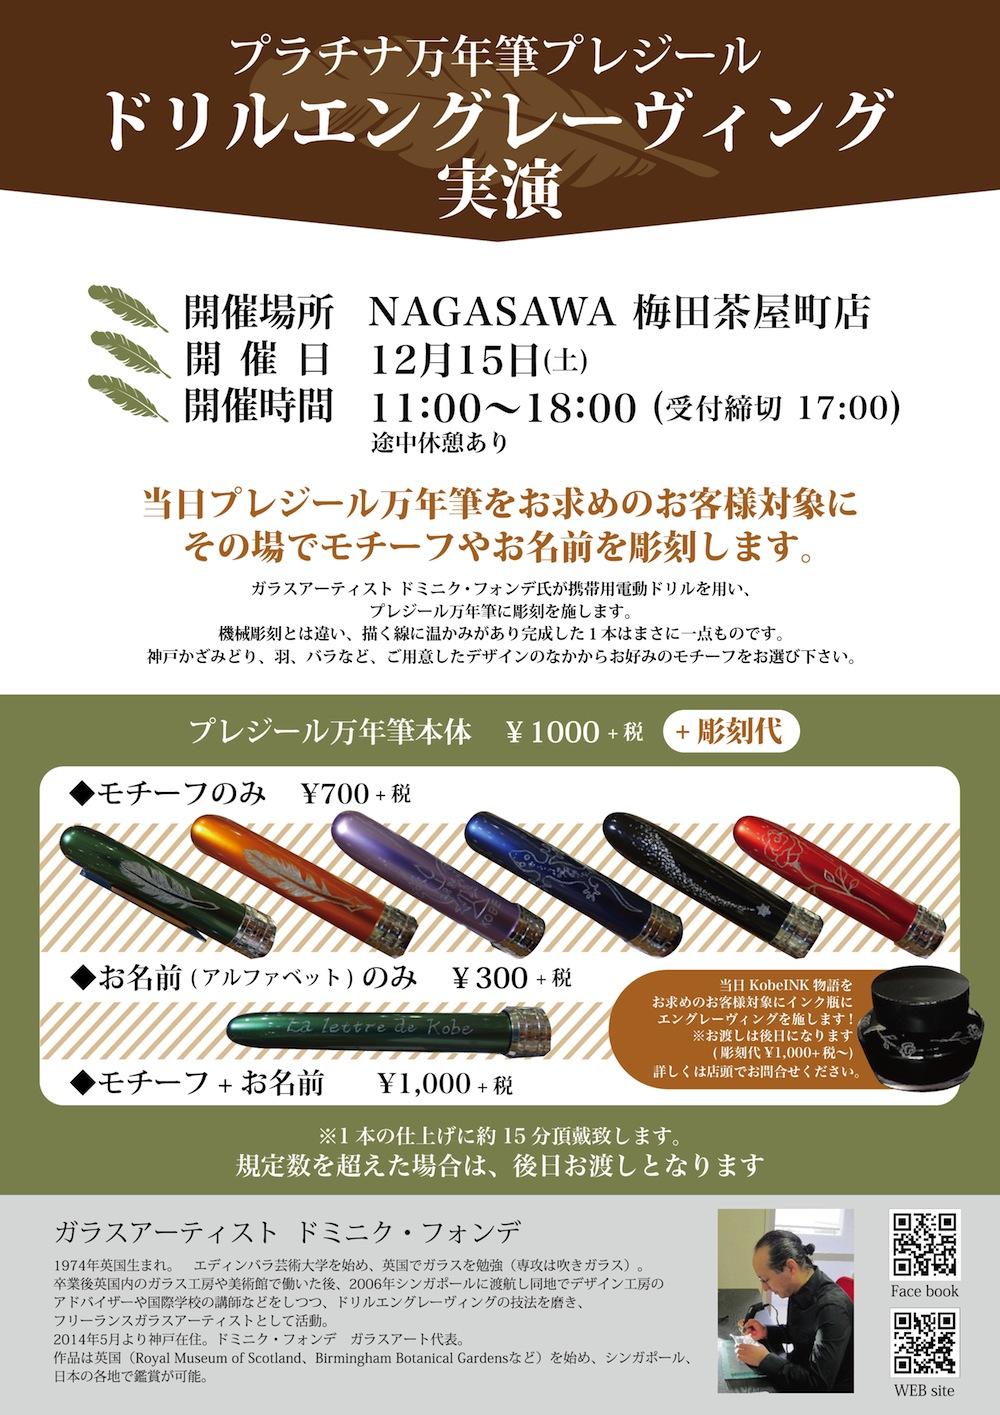 梅田で名入れイベント開催!万年筆にモチーフやお名前をその場で彫刻します!!